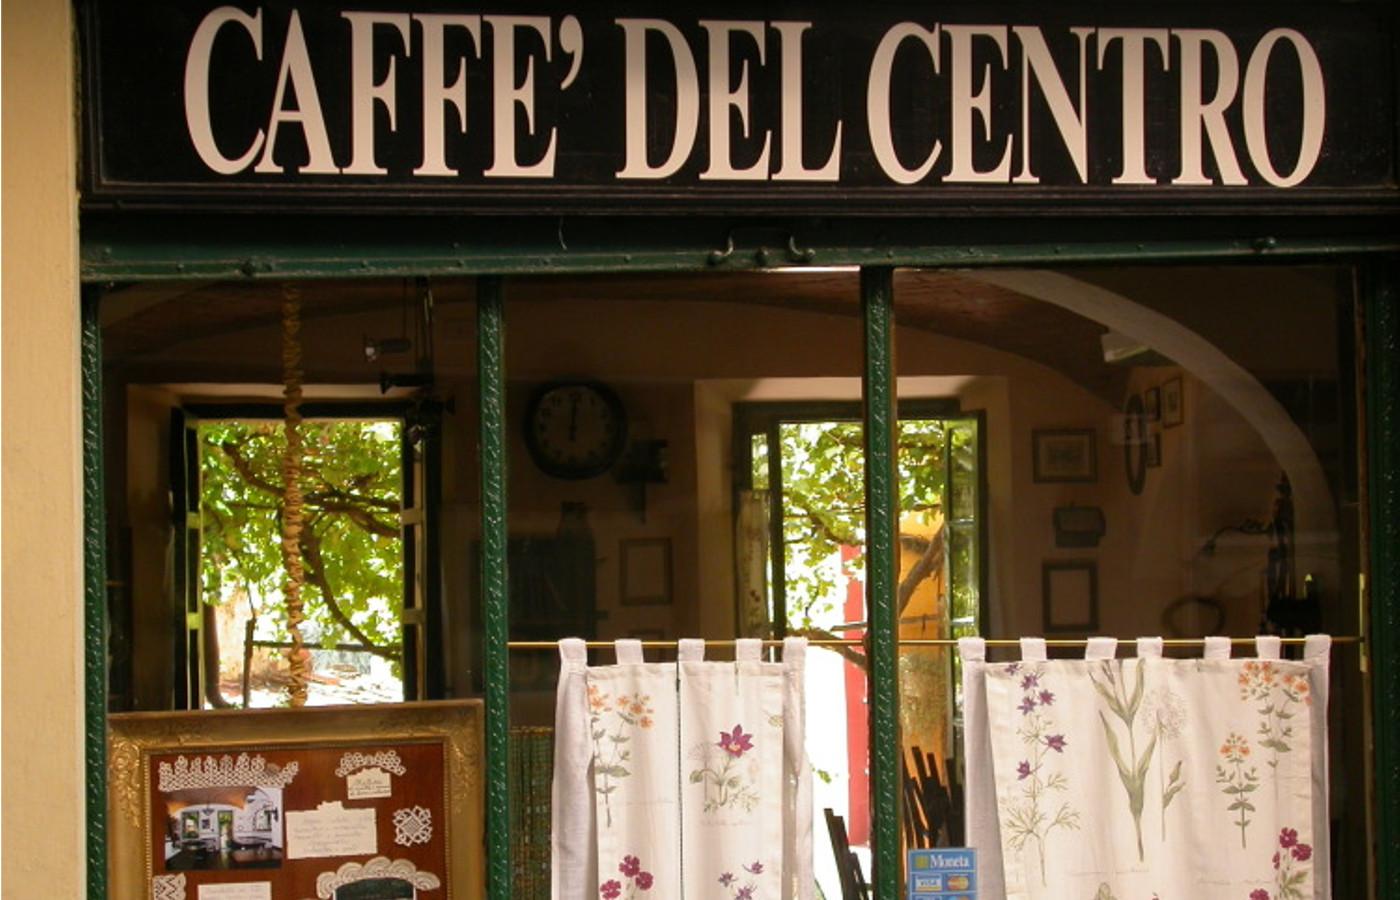 -5de26de23be7c--5de26de23be7eSuperclassica dell'oltrepo pavese, Penice e Brallo._b.jpg